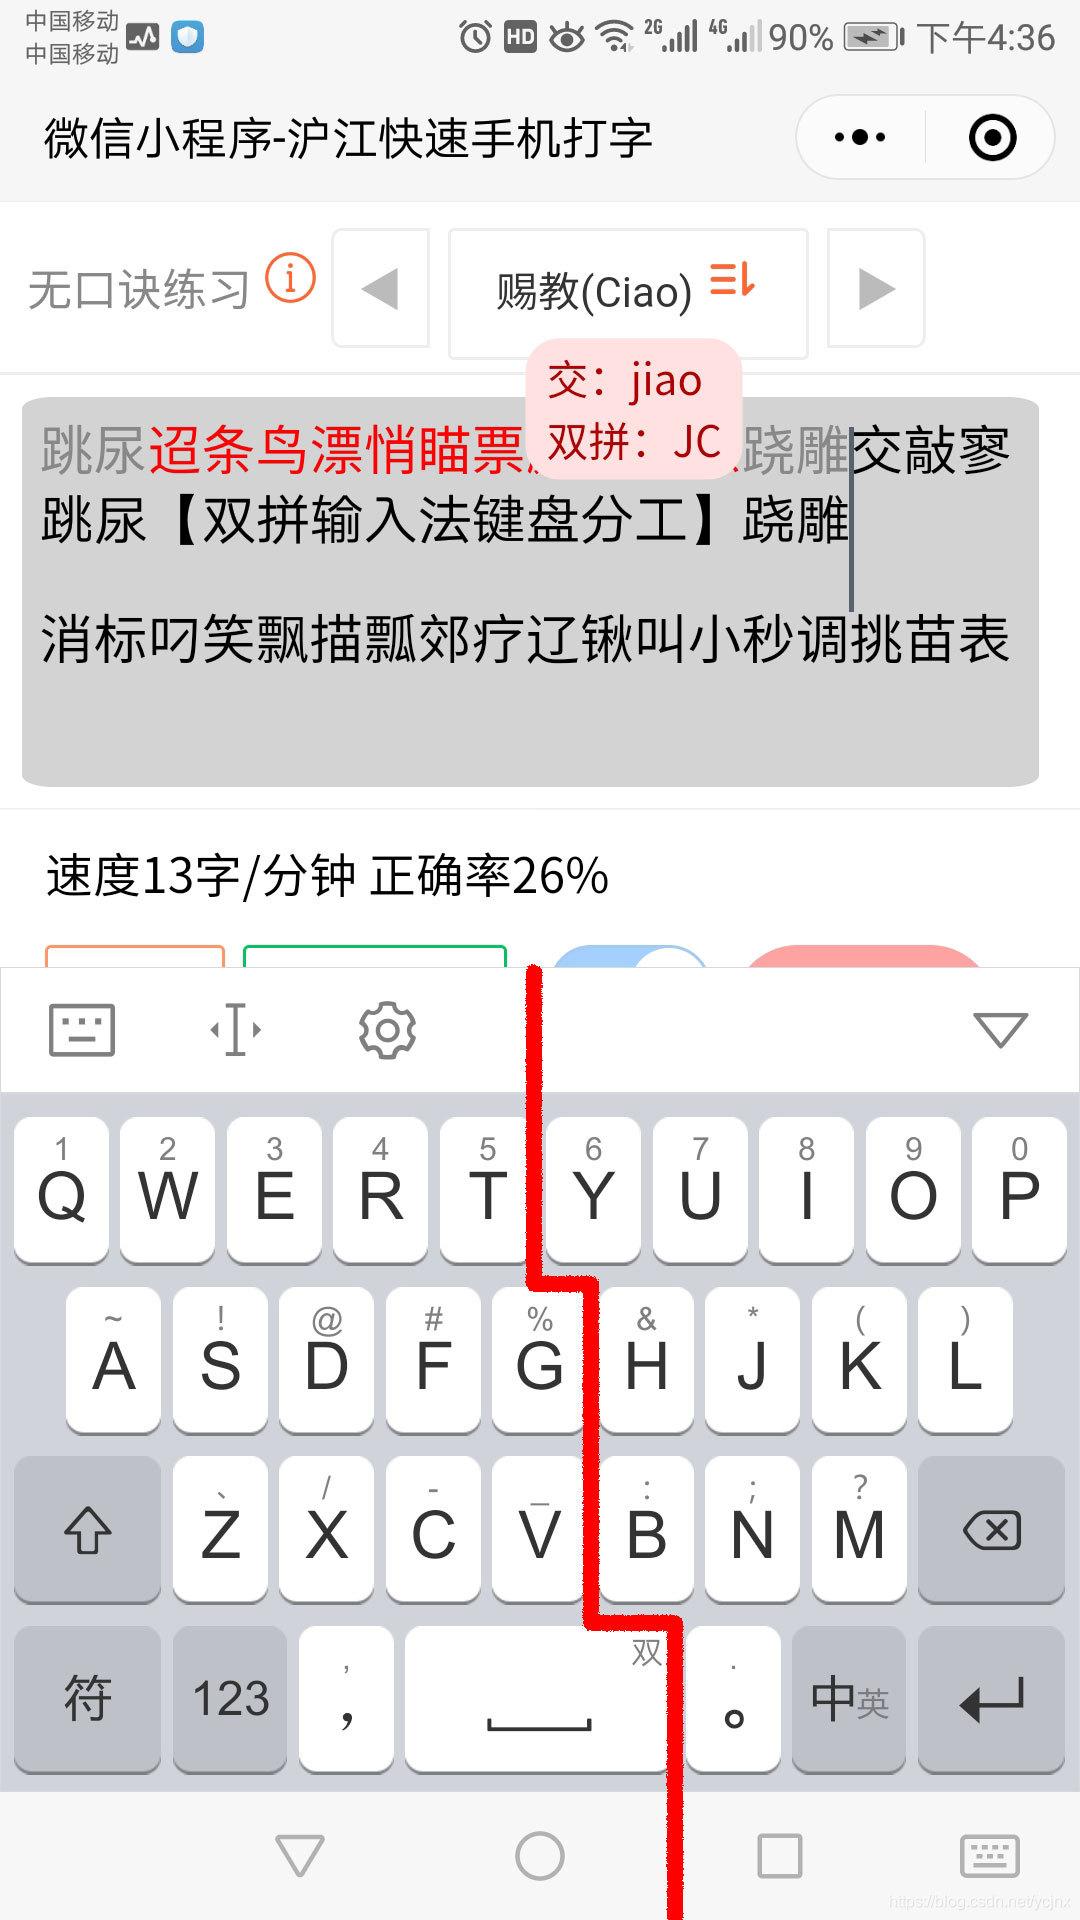 双拼输入法键盘分工